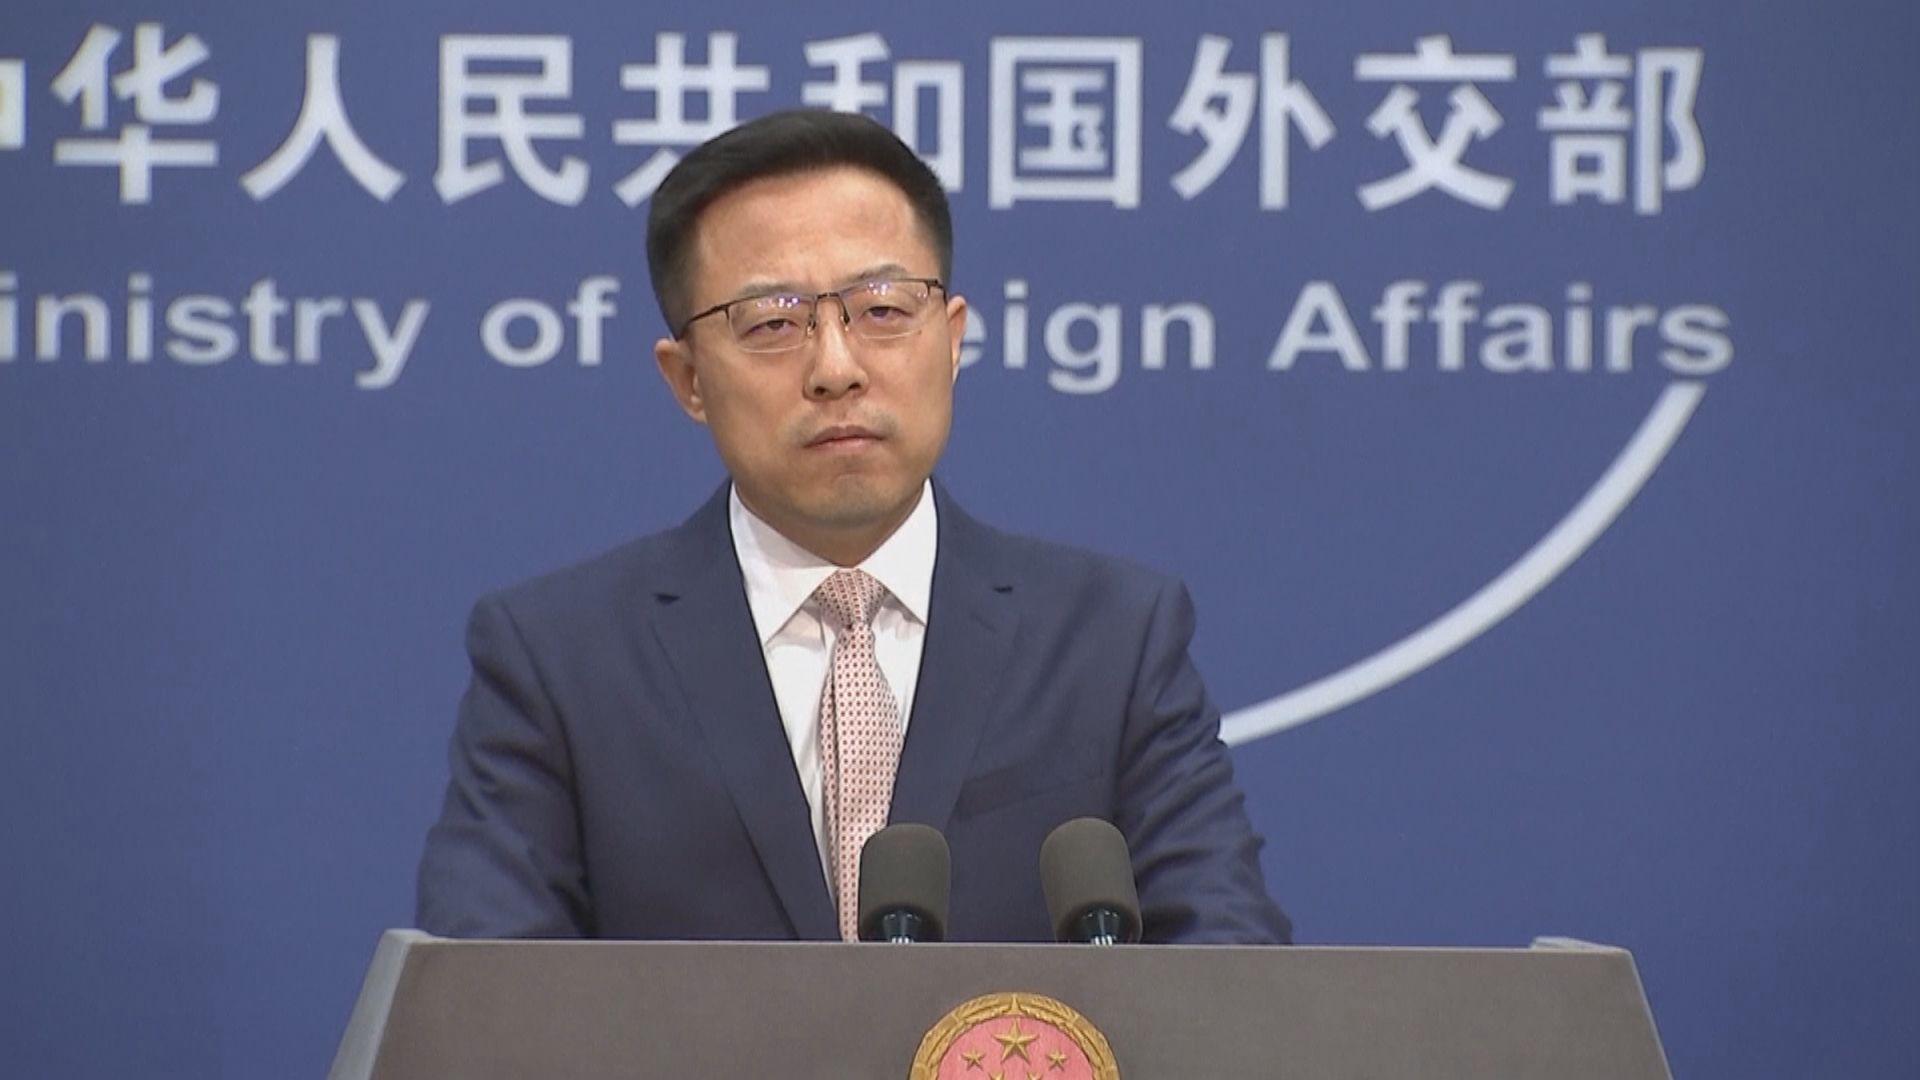 中方:為維護國家利益 會對參與對台軍售美企實施制裁